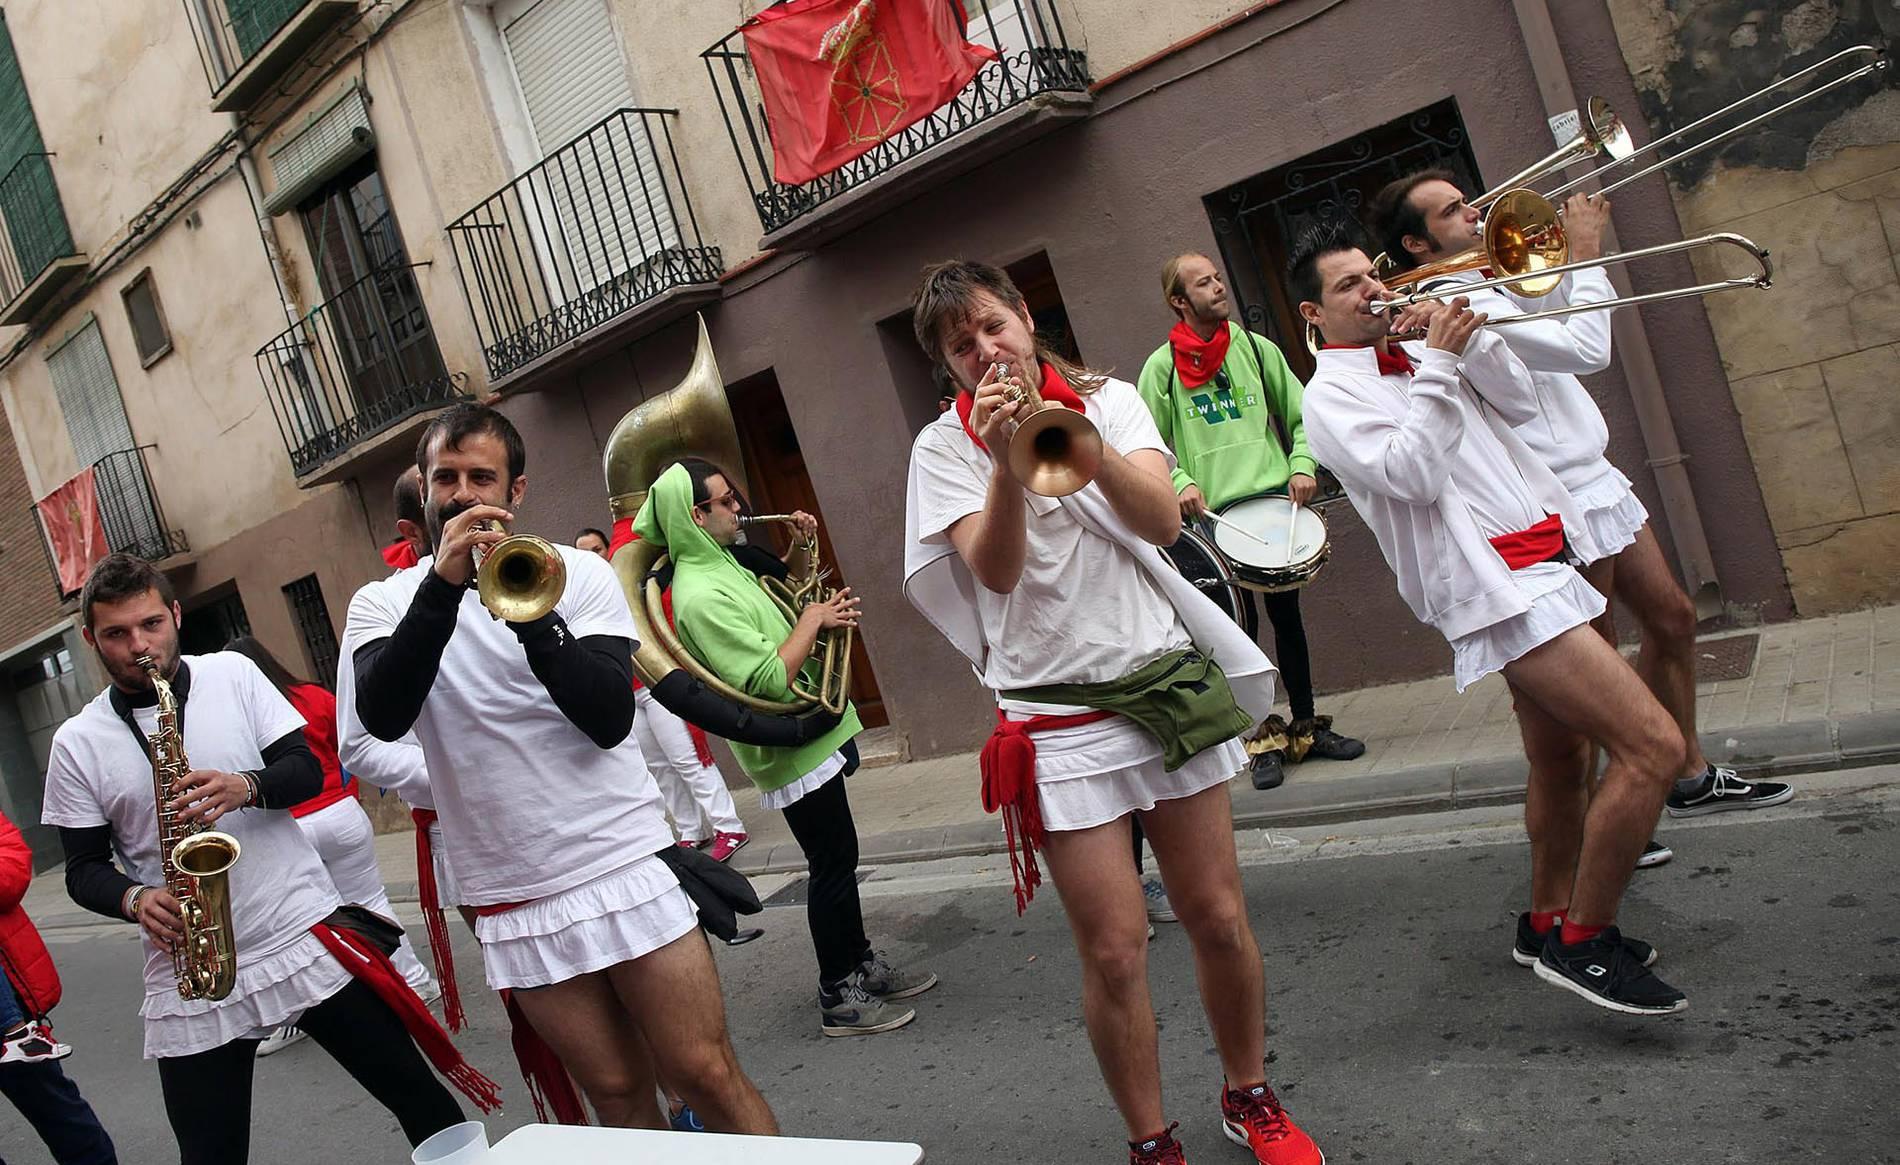 Día de las Peñas en fiestas de Fitero (1/9) - Todas las fotos del Día de las Peñas en fiestas de Fitero - Tudela y Ribera -